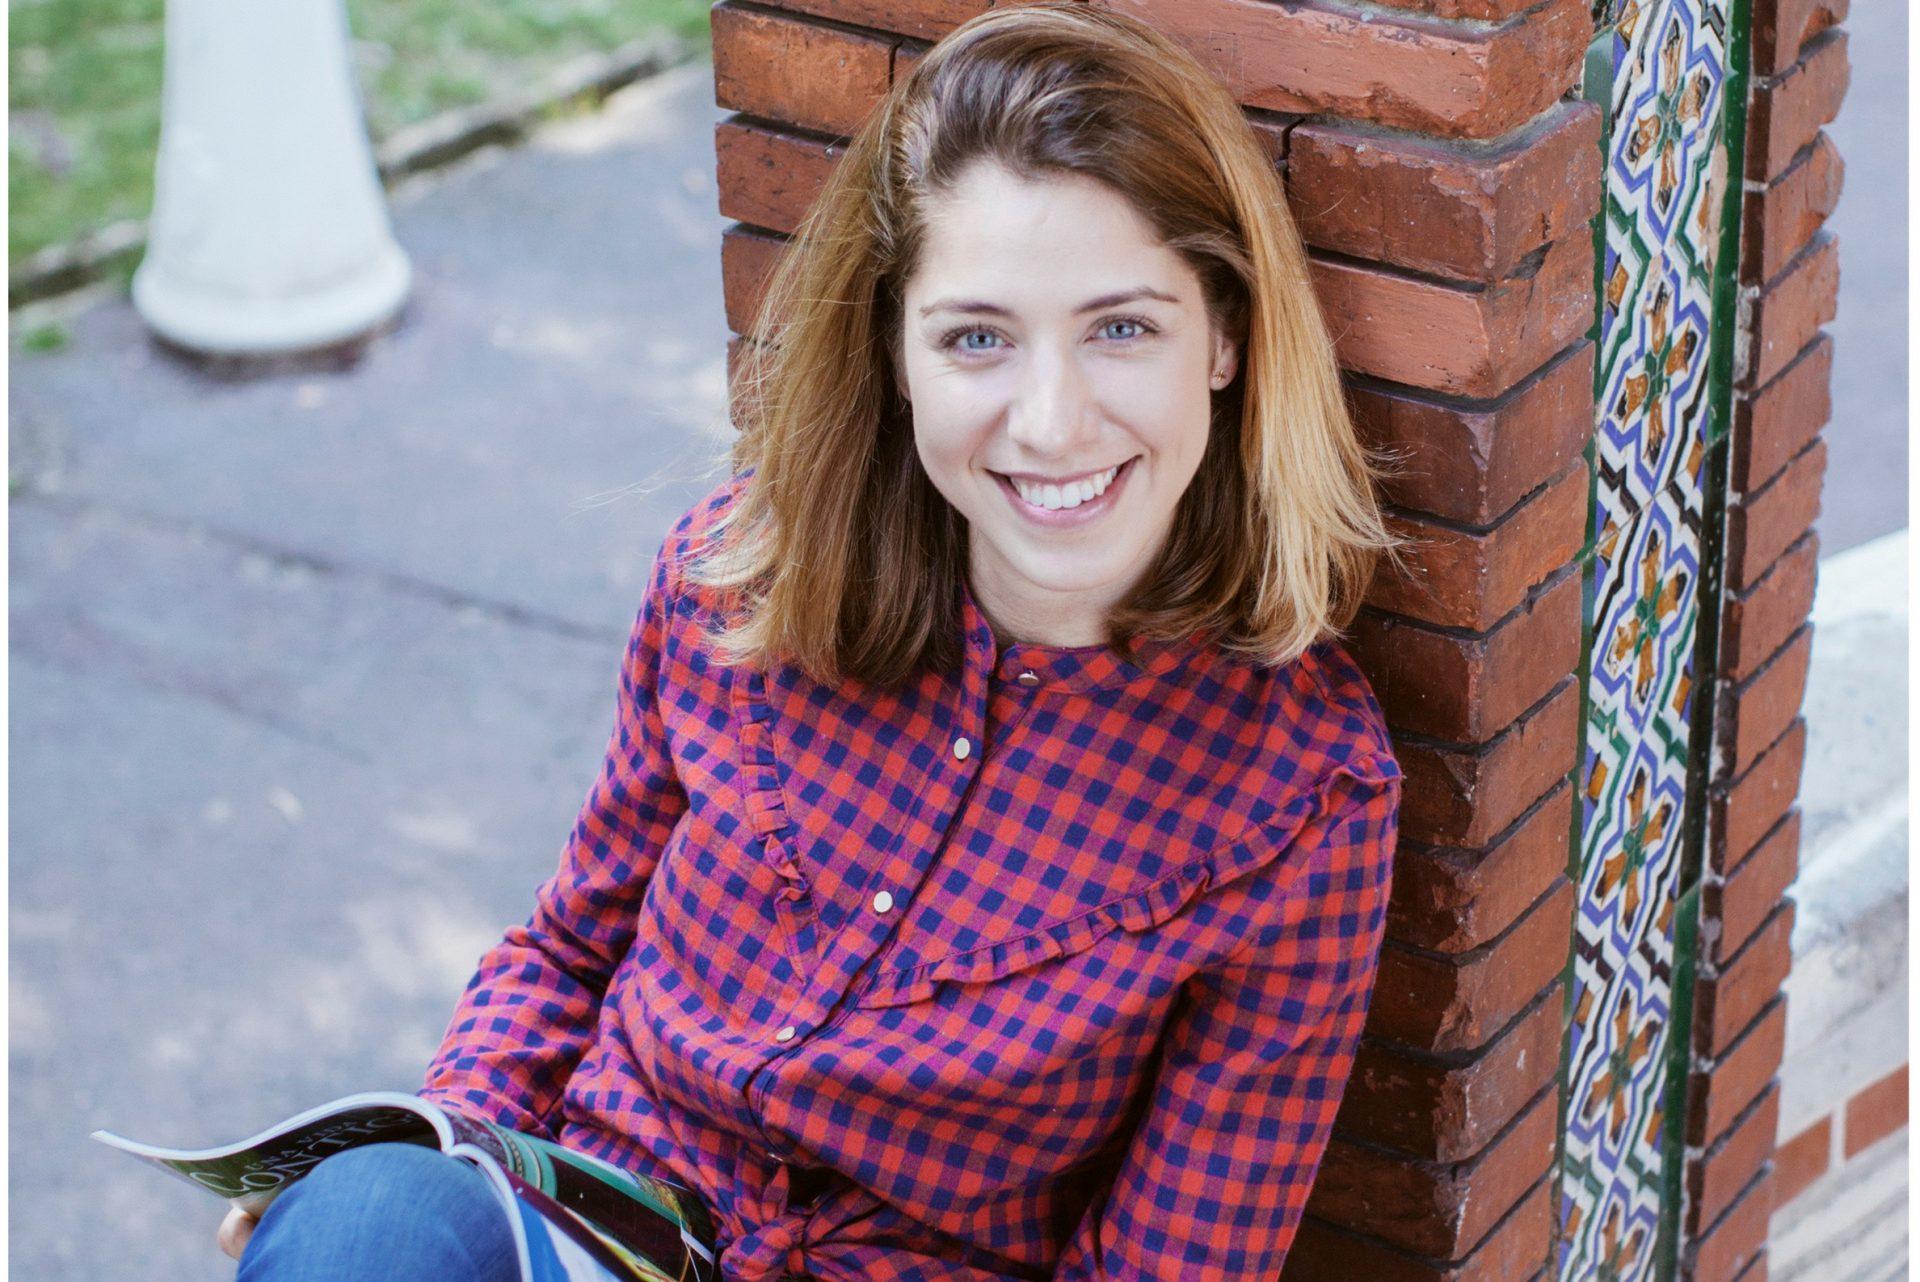 Mujer rubia con ojos azules vistiendo camisa de cuadros azul y rojo